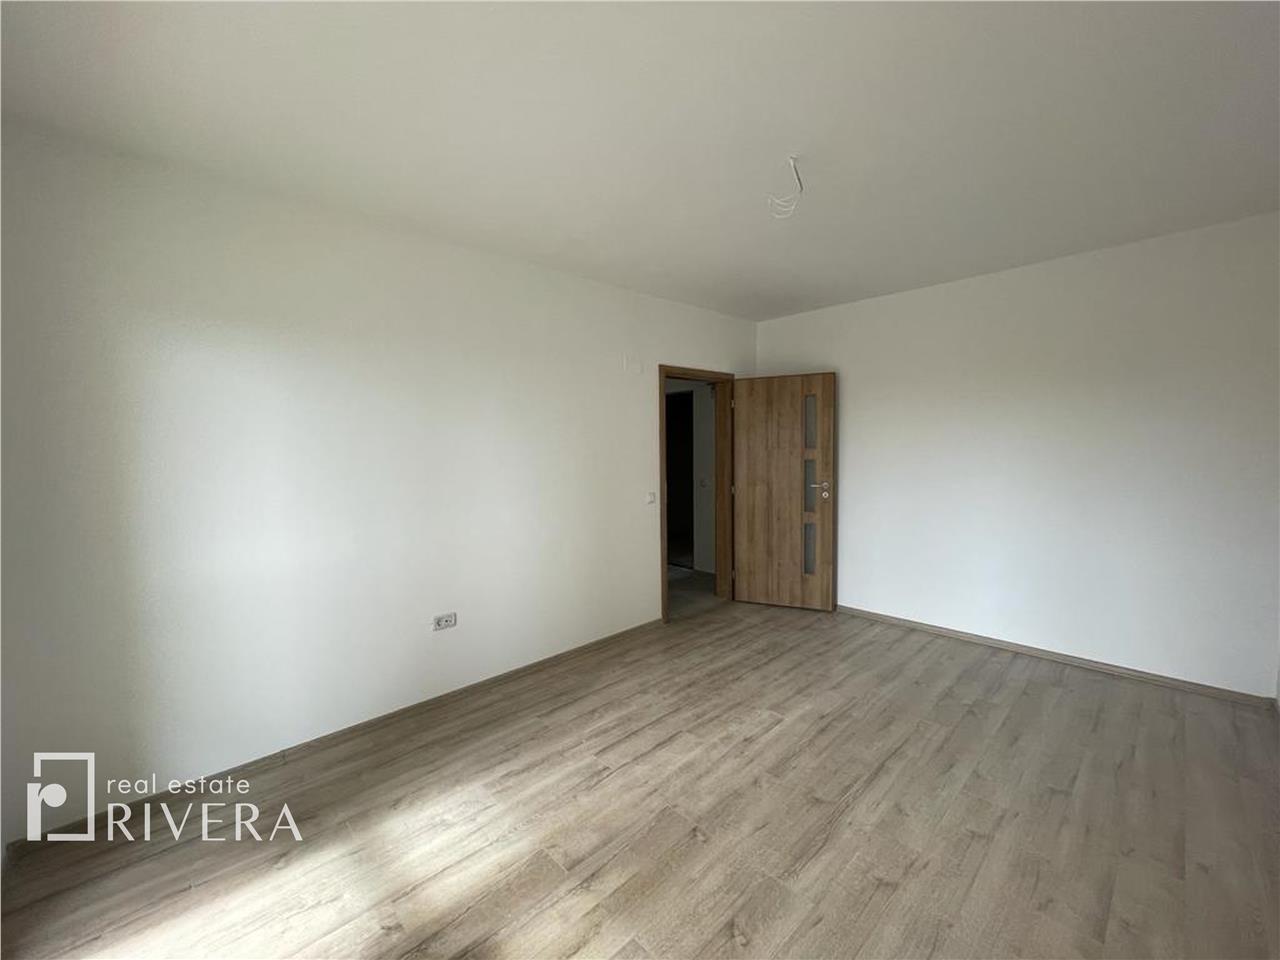 Apartament 2 camere | Cug | Finalizat